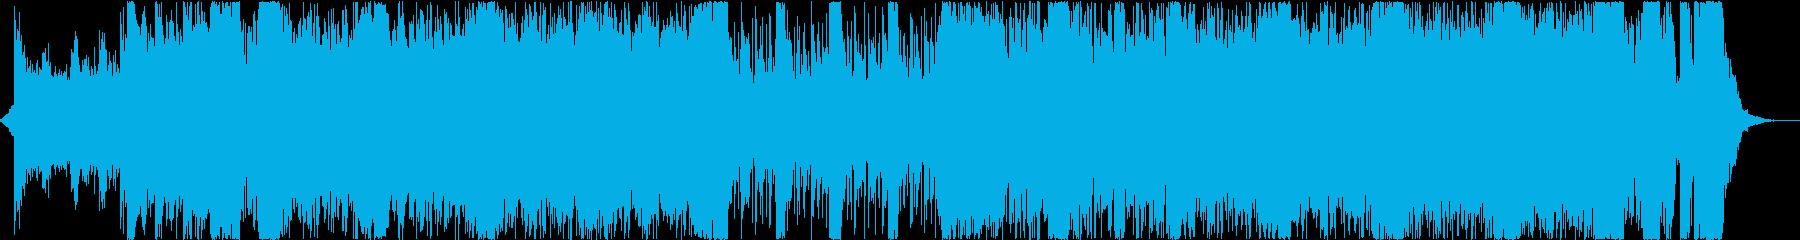 メタル、シネマティック、パワフルの再生済みの波形